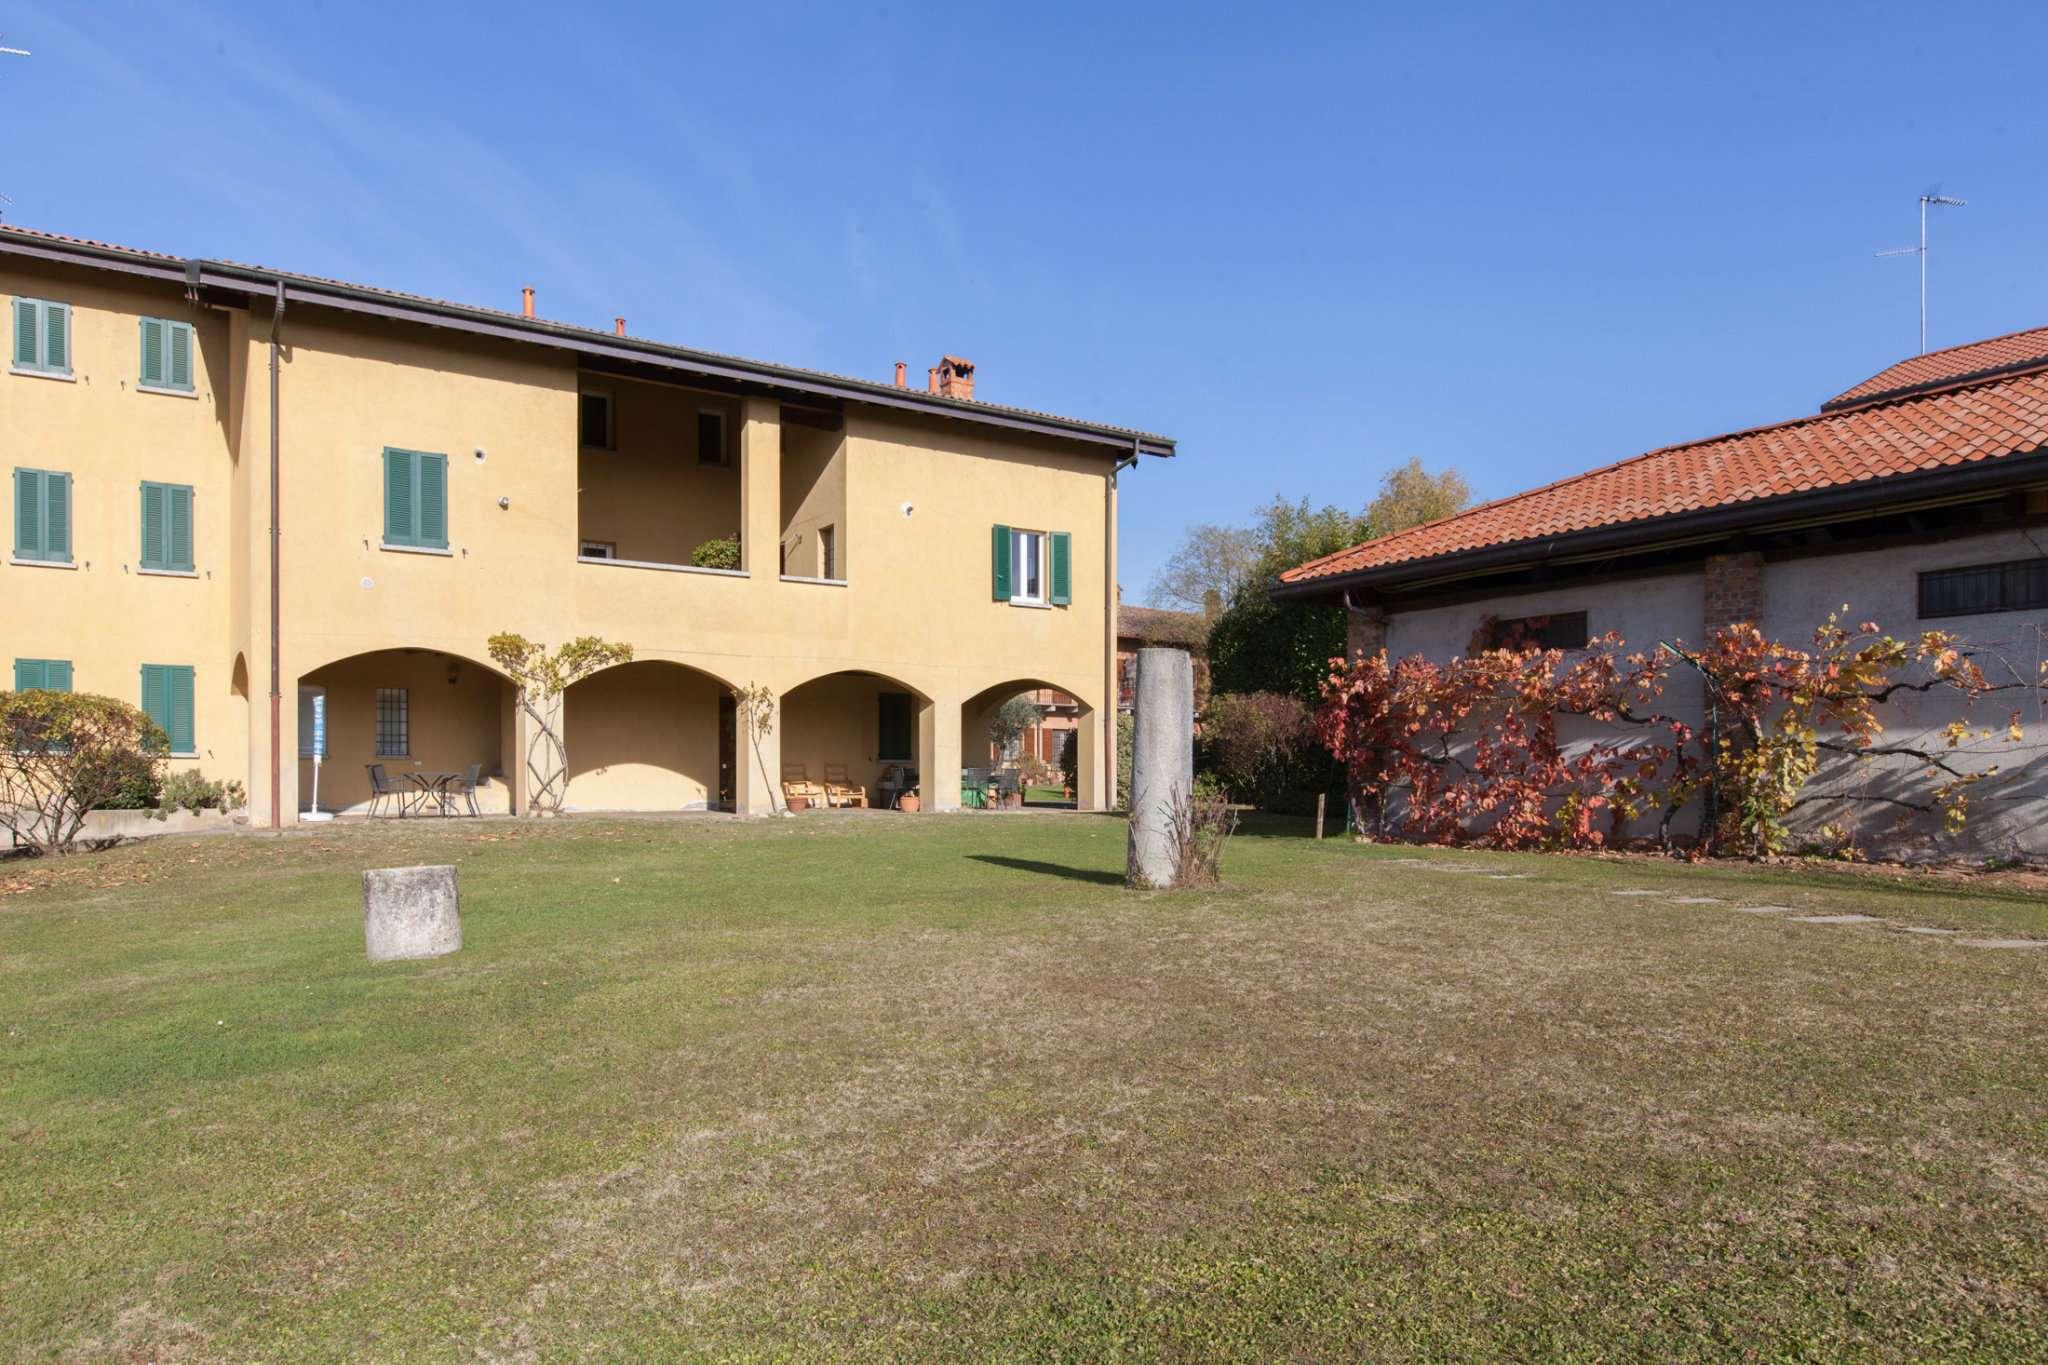 Rustico / Casale in affitto a Appiano Gentile, 4 locali, prezzo € 1.350 | CambioCasa.it